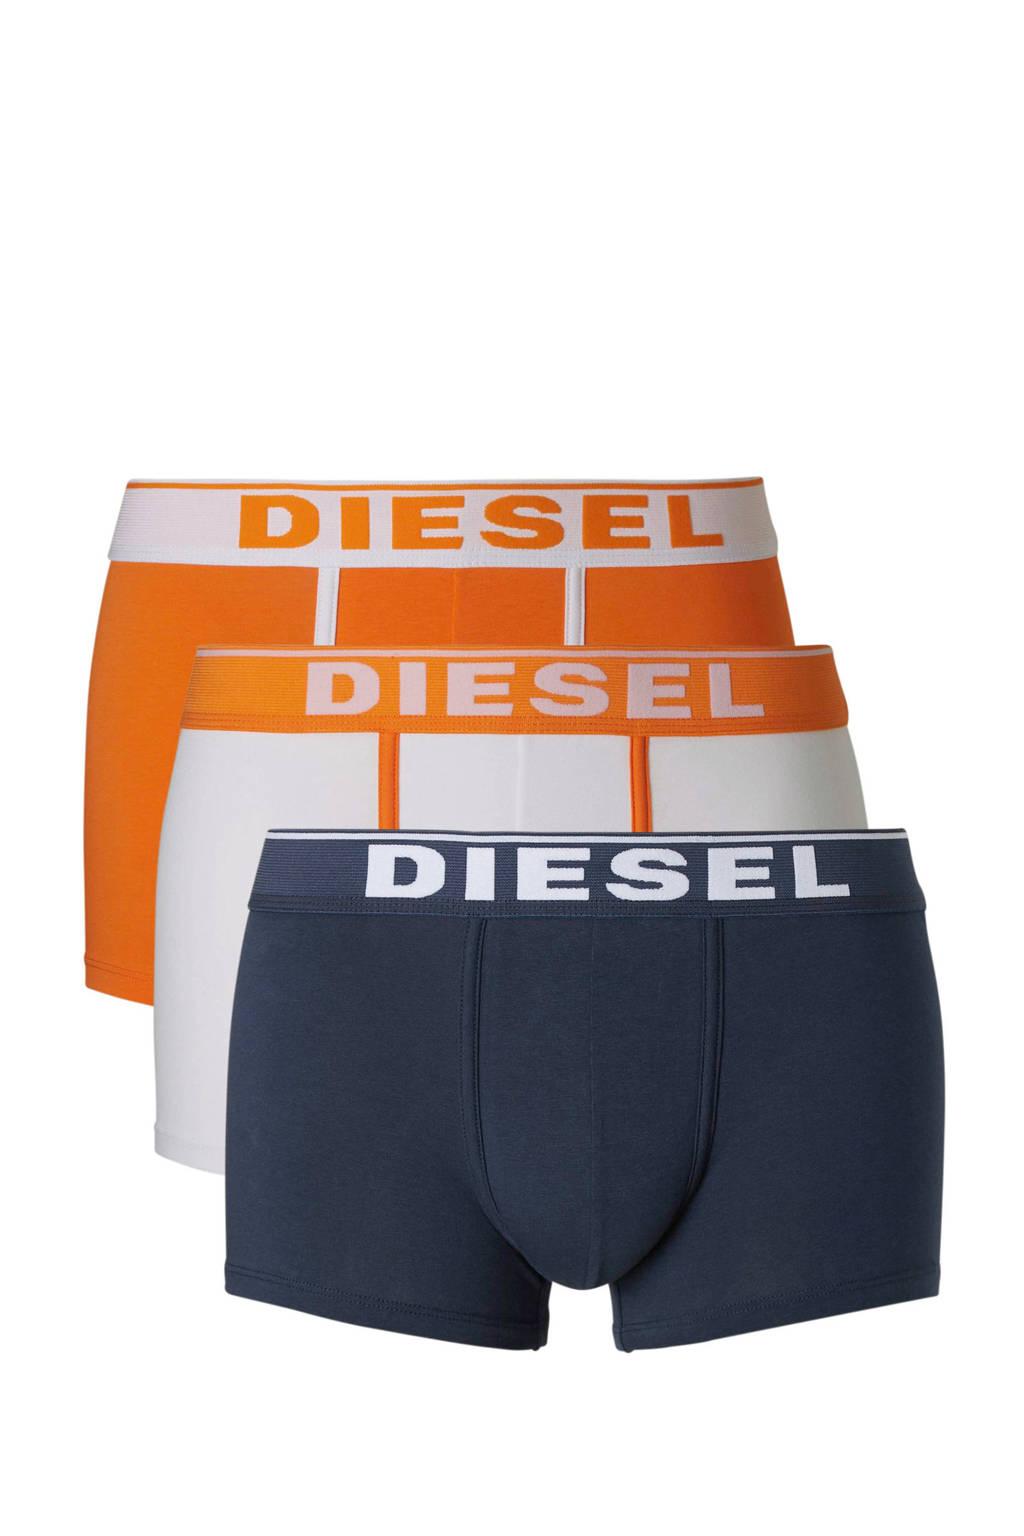 Diesel boxershort (set van 3), Marine/wit/oranje